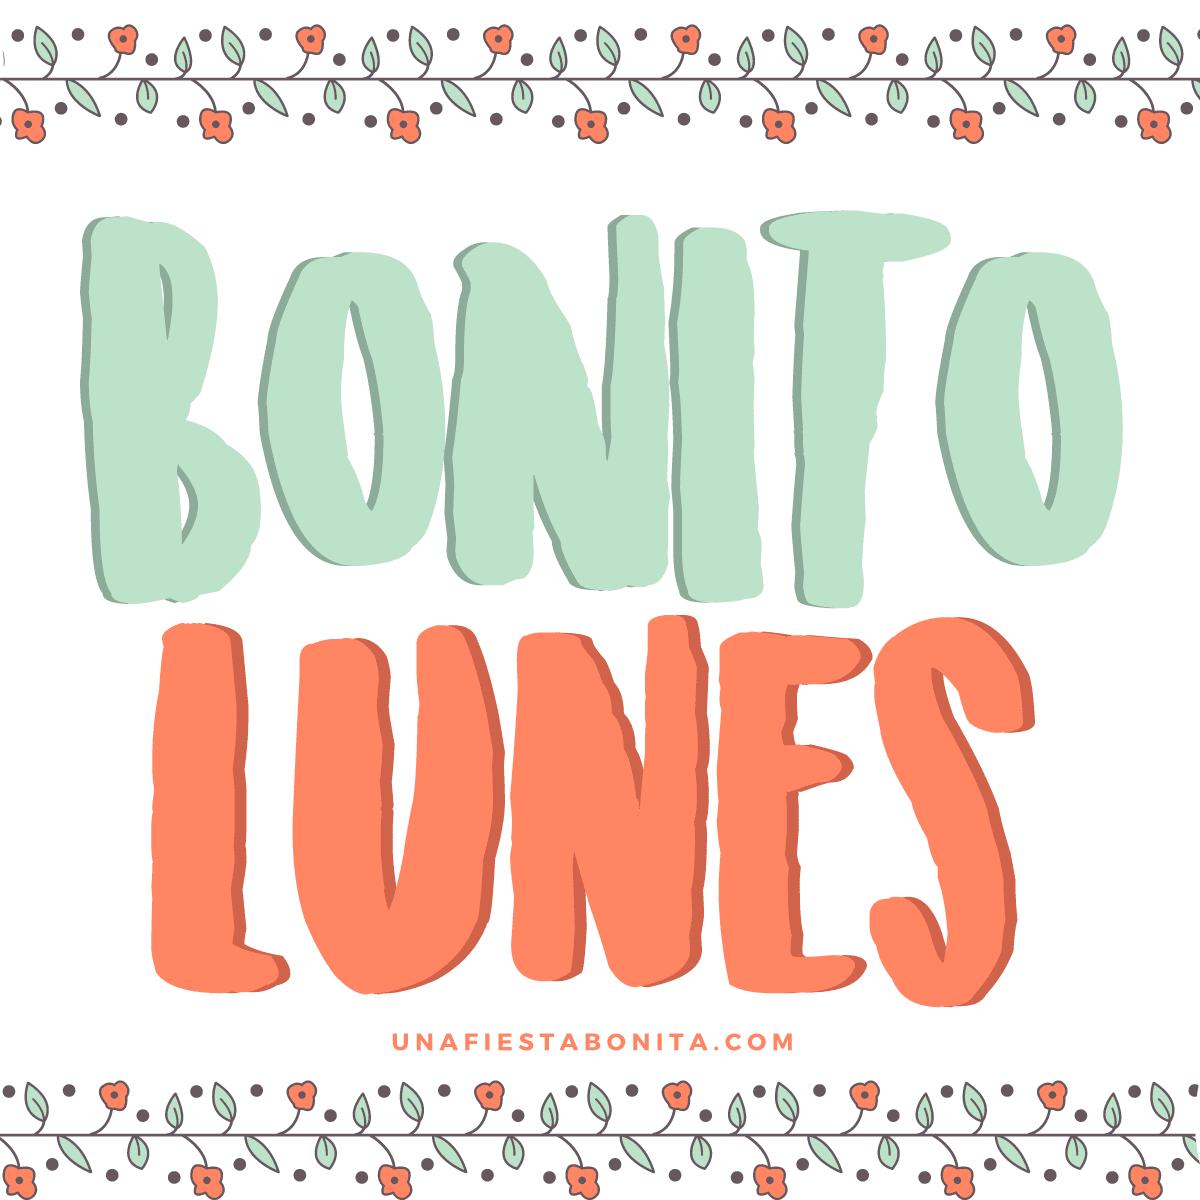 Bonito Lunes Mi Amor cartelitos para el día lunes - una fiesta bonita